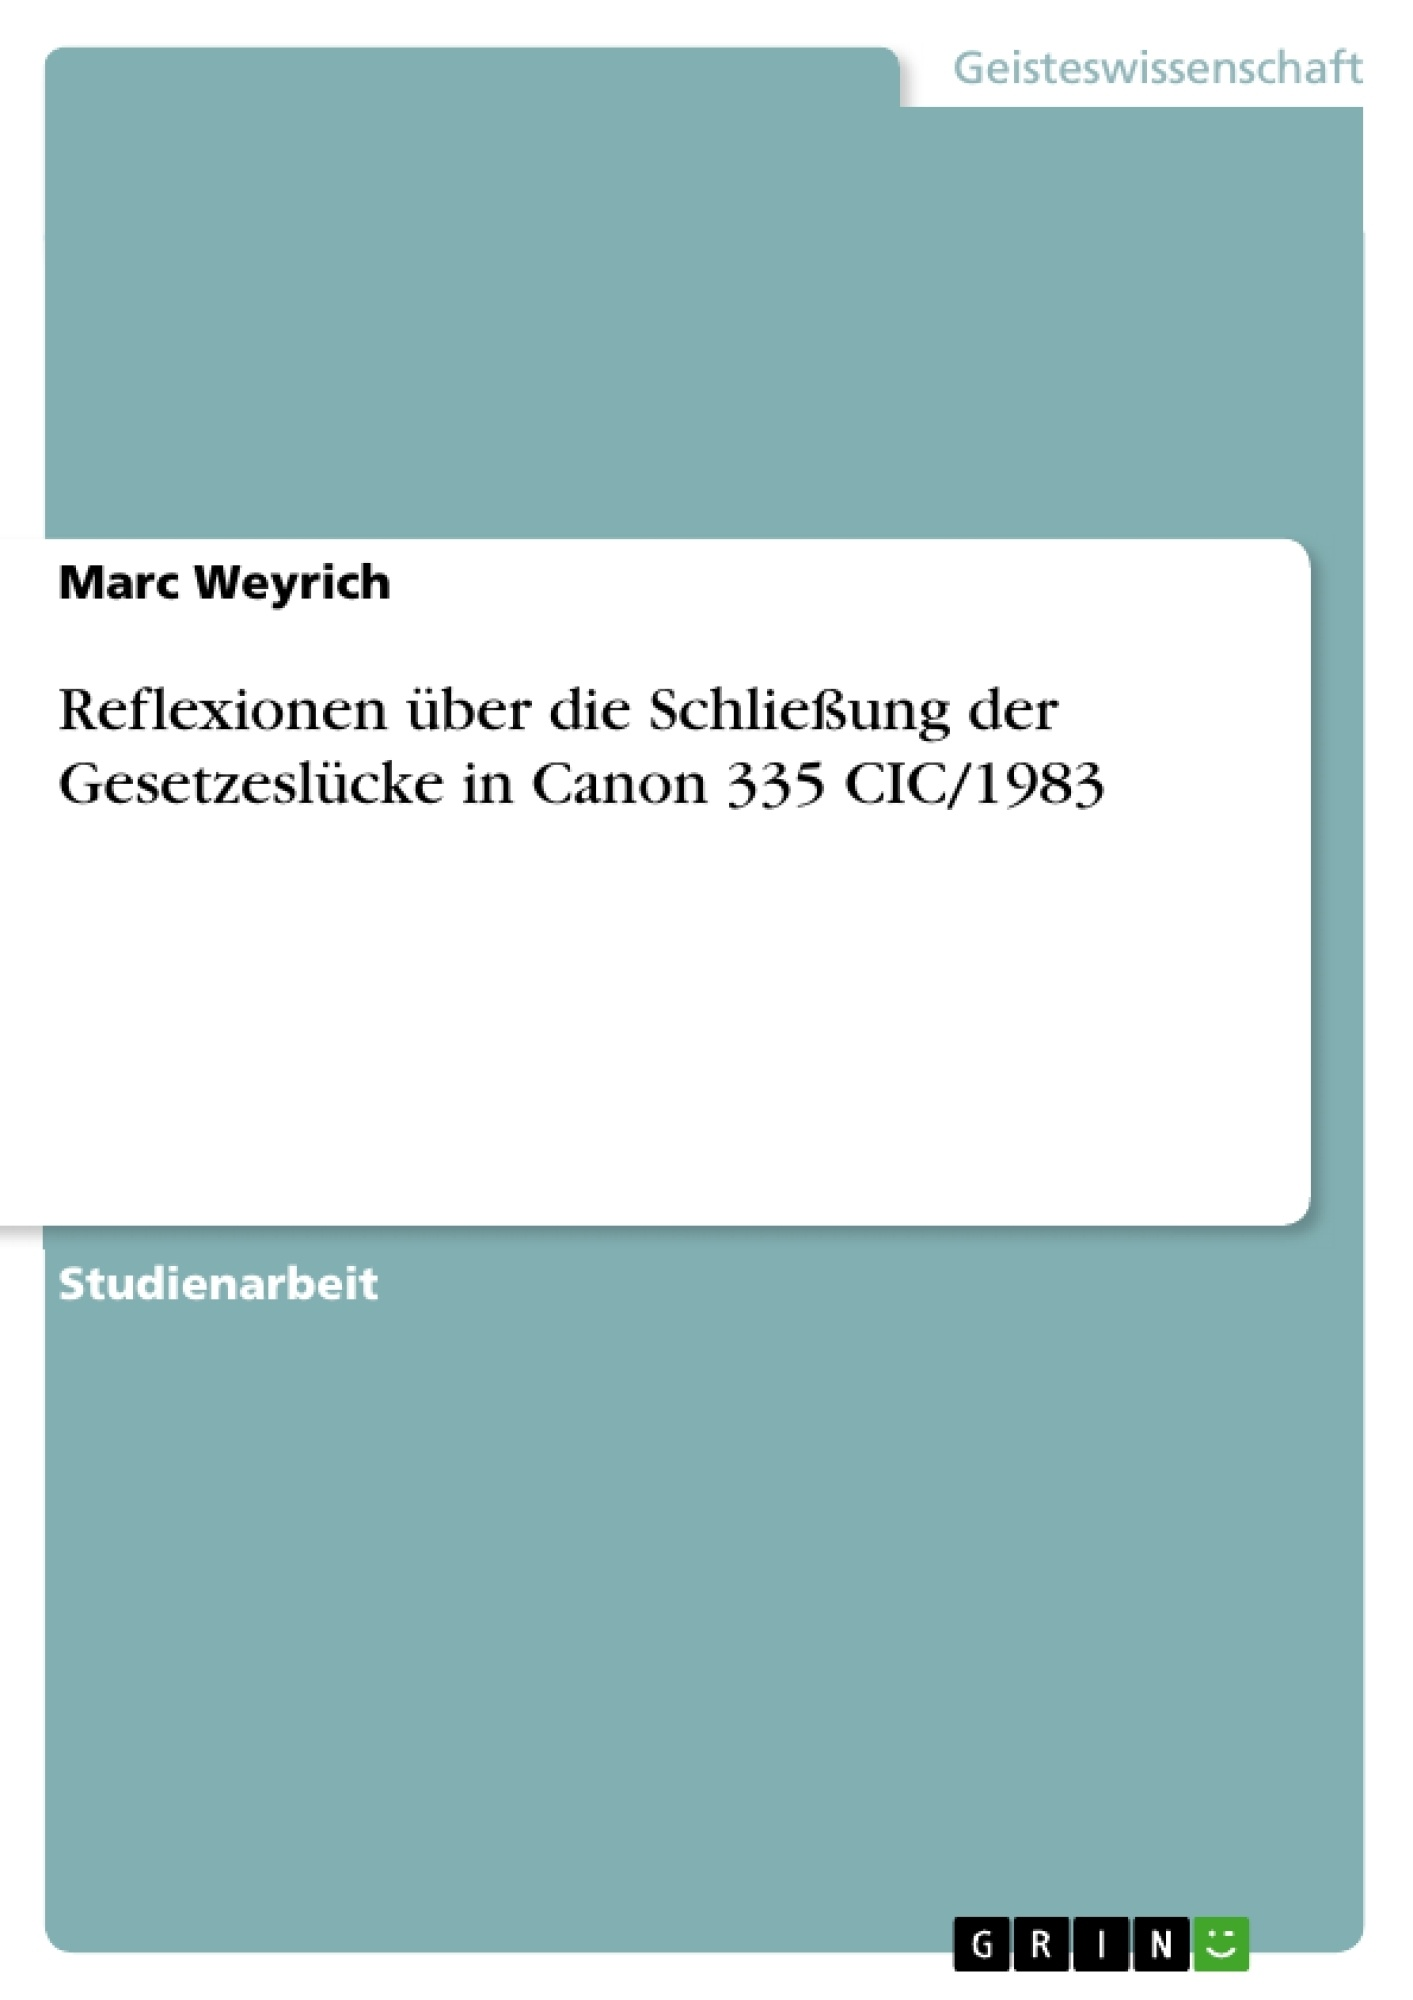 Titel: Reflexionen über die Schließung der Gesetzeslücke in Canon 335 CIC/1983